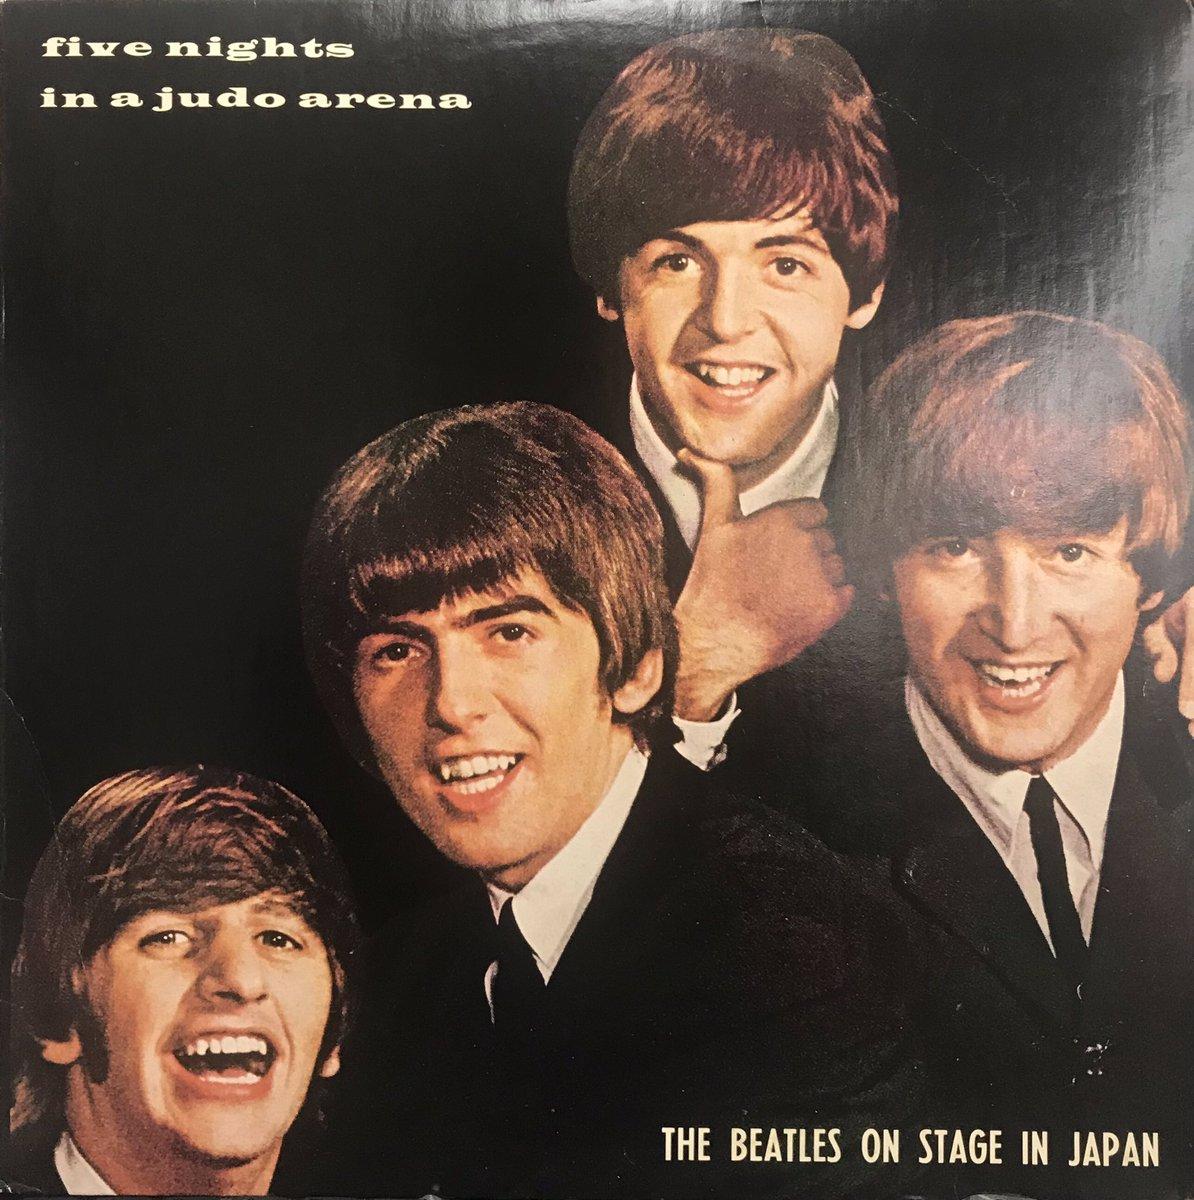 """レコード社 в Twitter: """"神保町レコード社より「ビートルズの海賊盤 ..."""